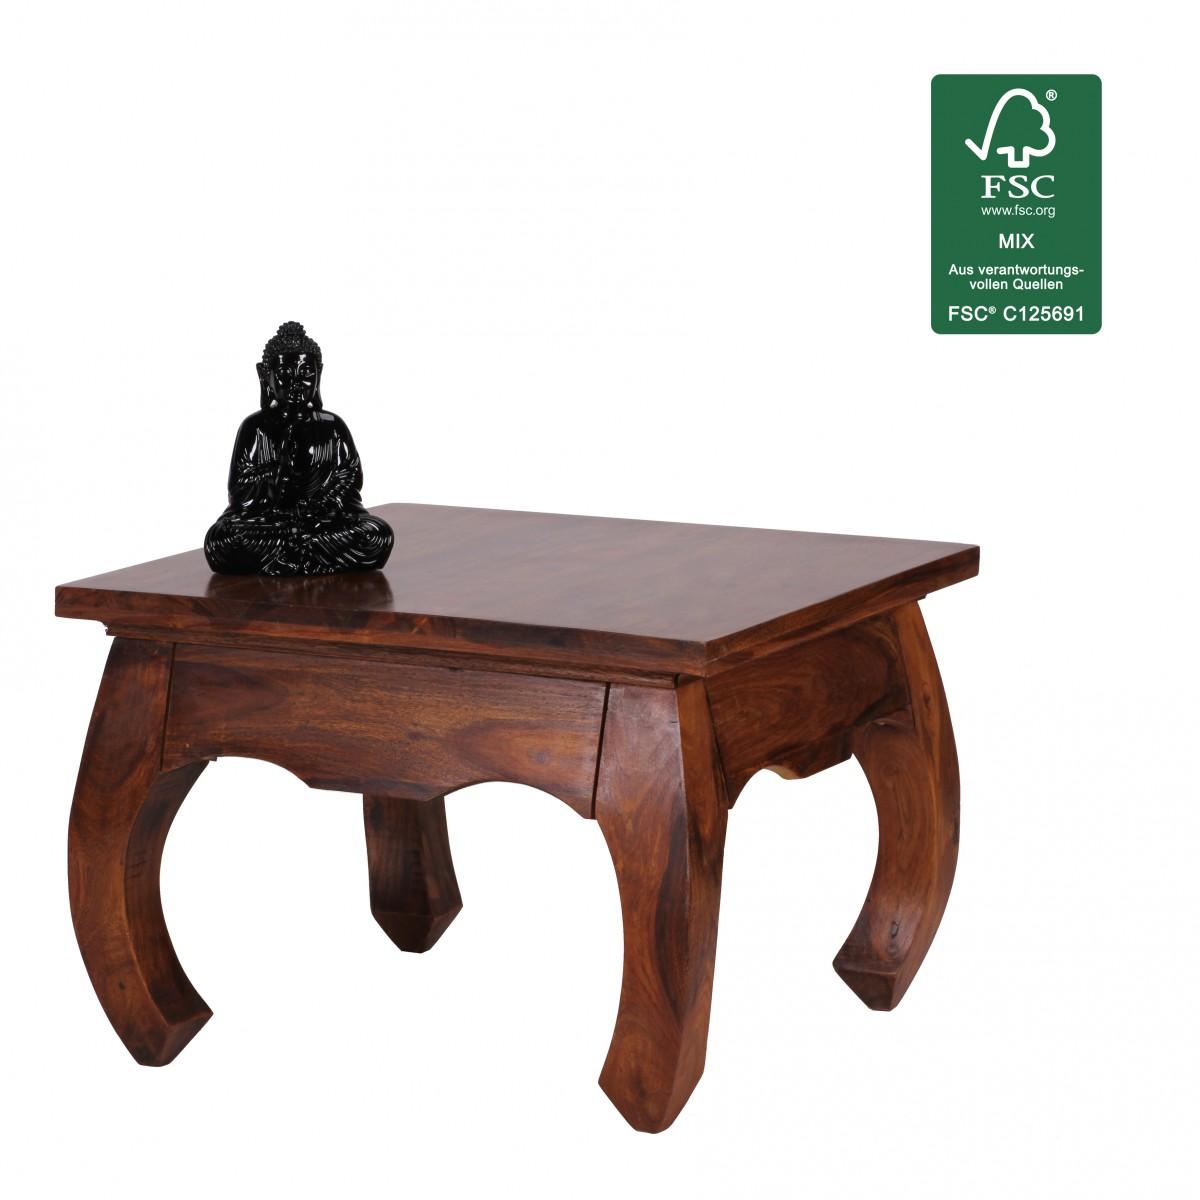 finebuy couchtisch massiv holz sheesham 60 cm breit wohnzimmer tisch design dunkel braun. Black Bedroom Furniture Sets. Home Design Ideas